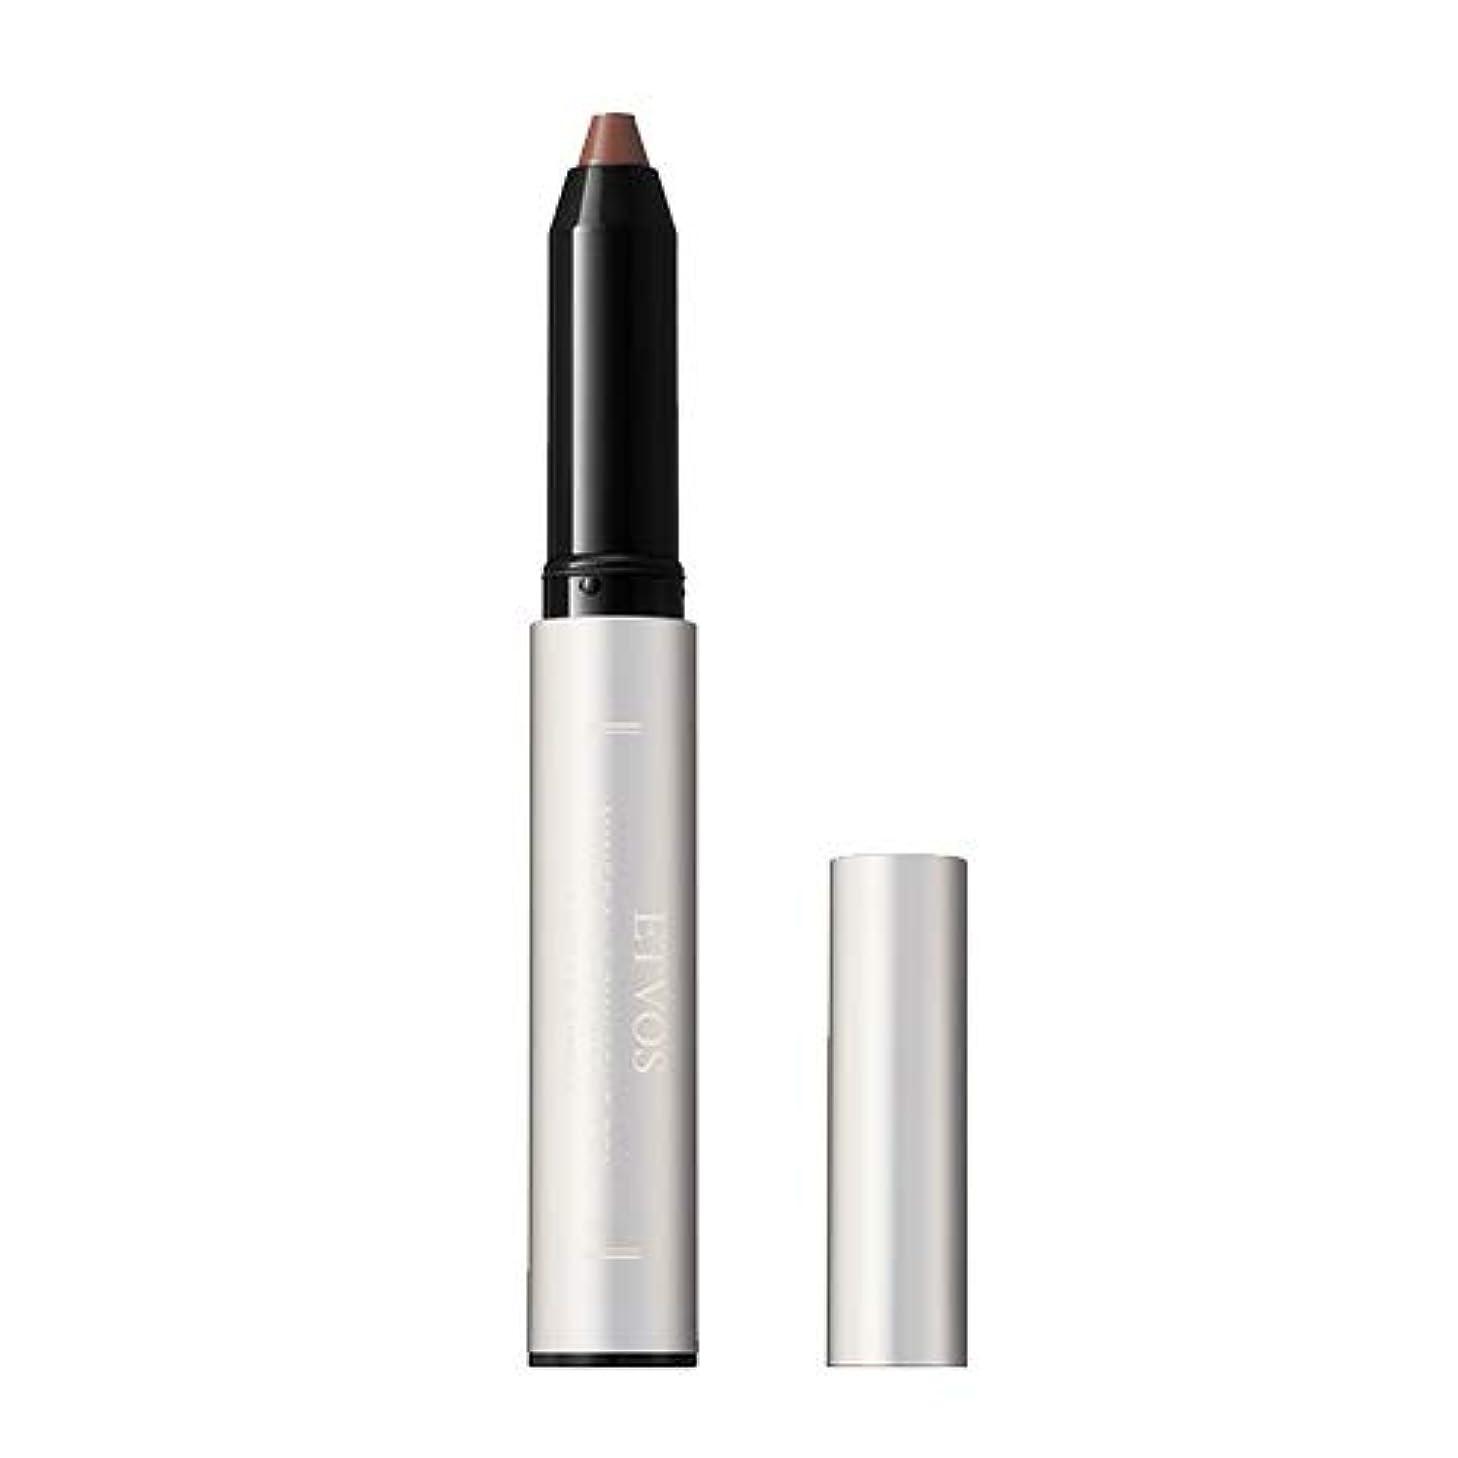 品揃え惨めな薄暗いETVOS(エトヴォス) ミネラルローライトペン 1.4g ブロンザー/シェーディング (個数限定)【河北裕介コラボ】